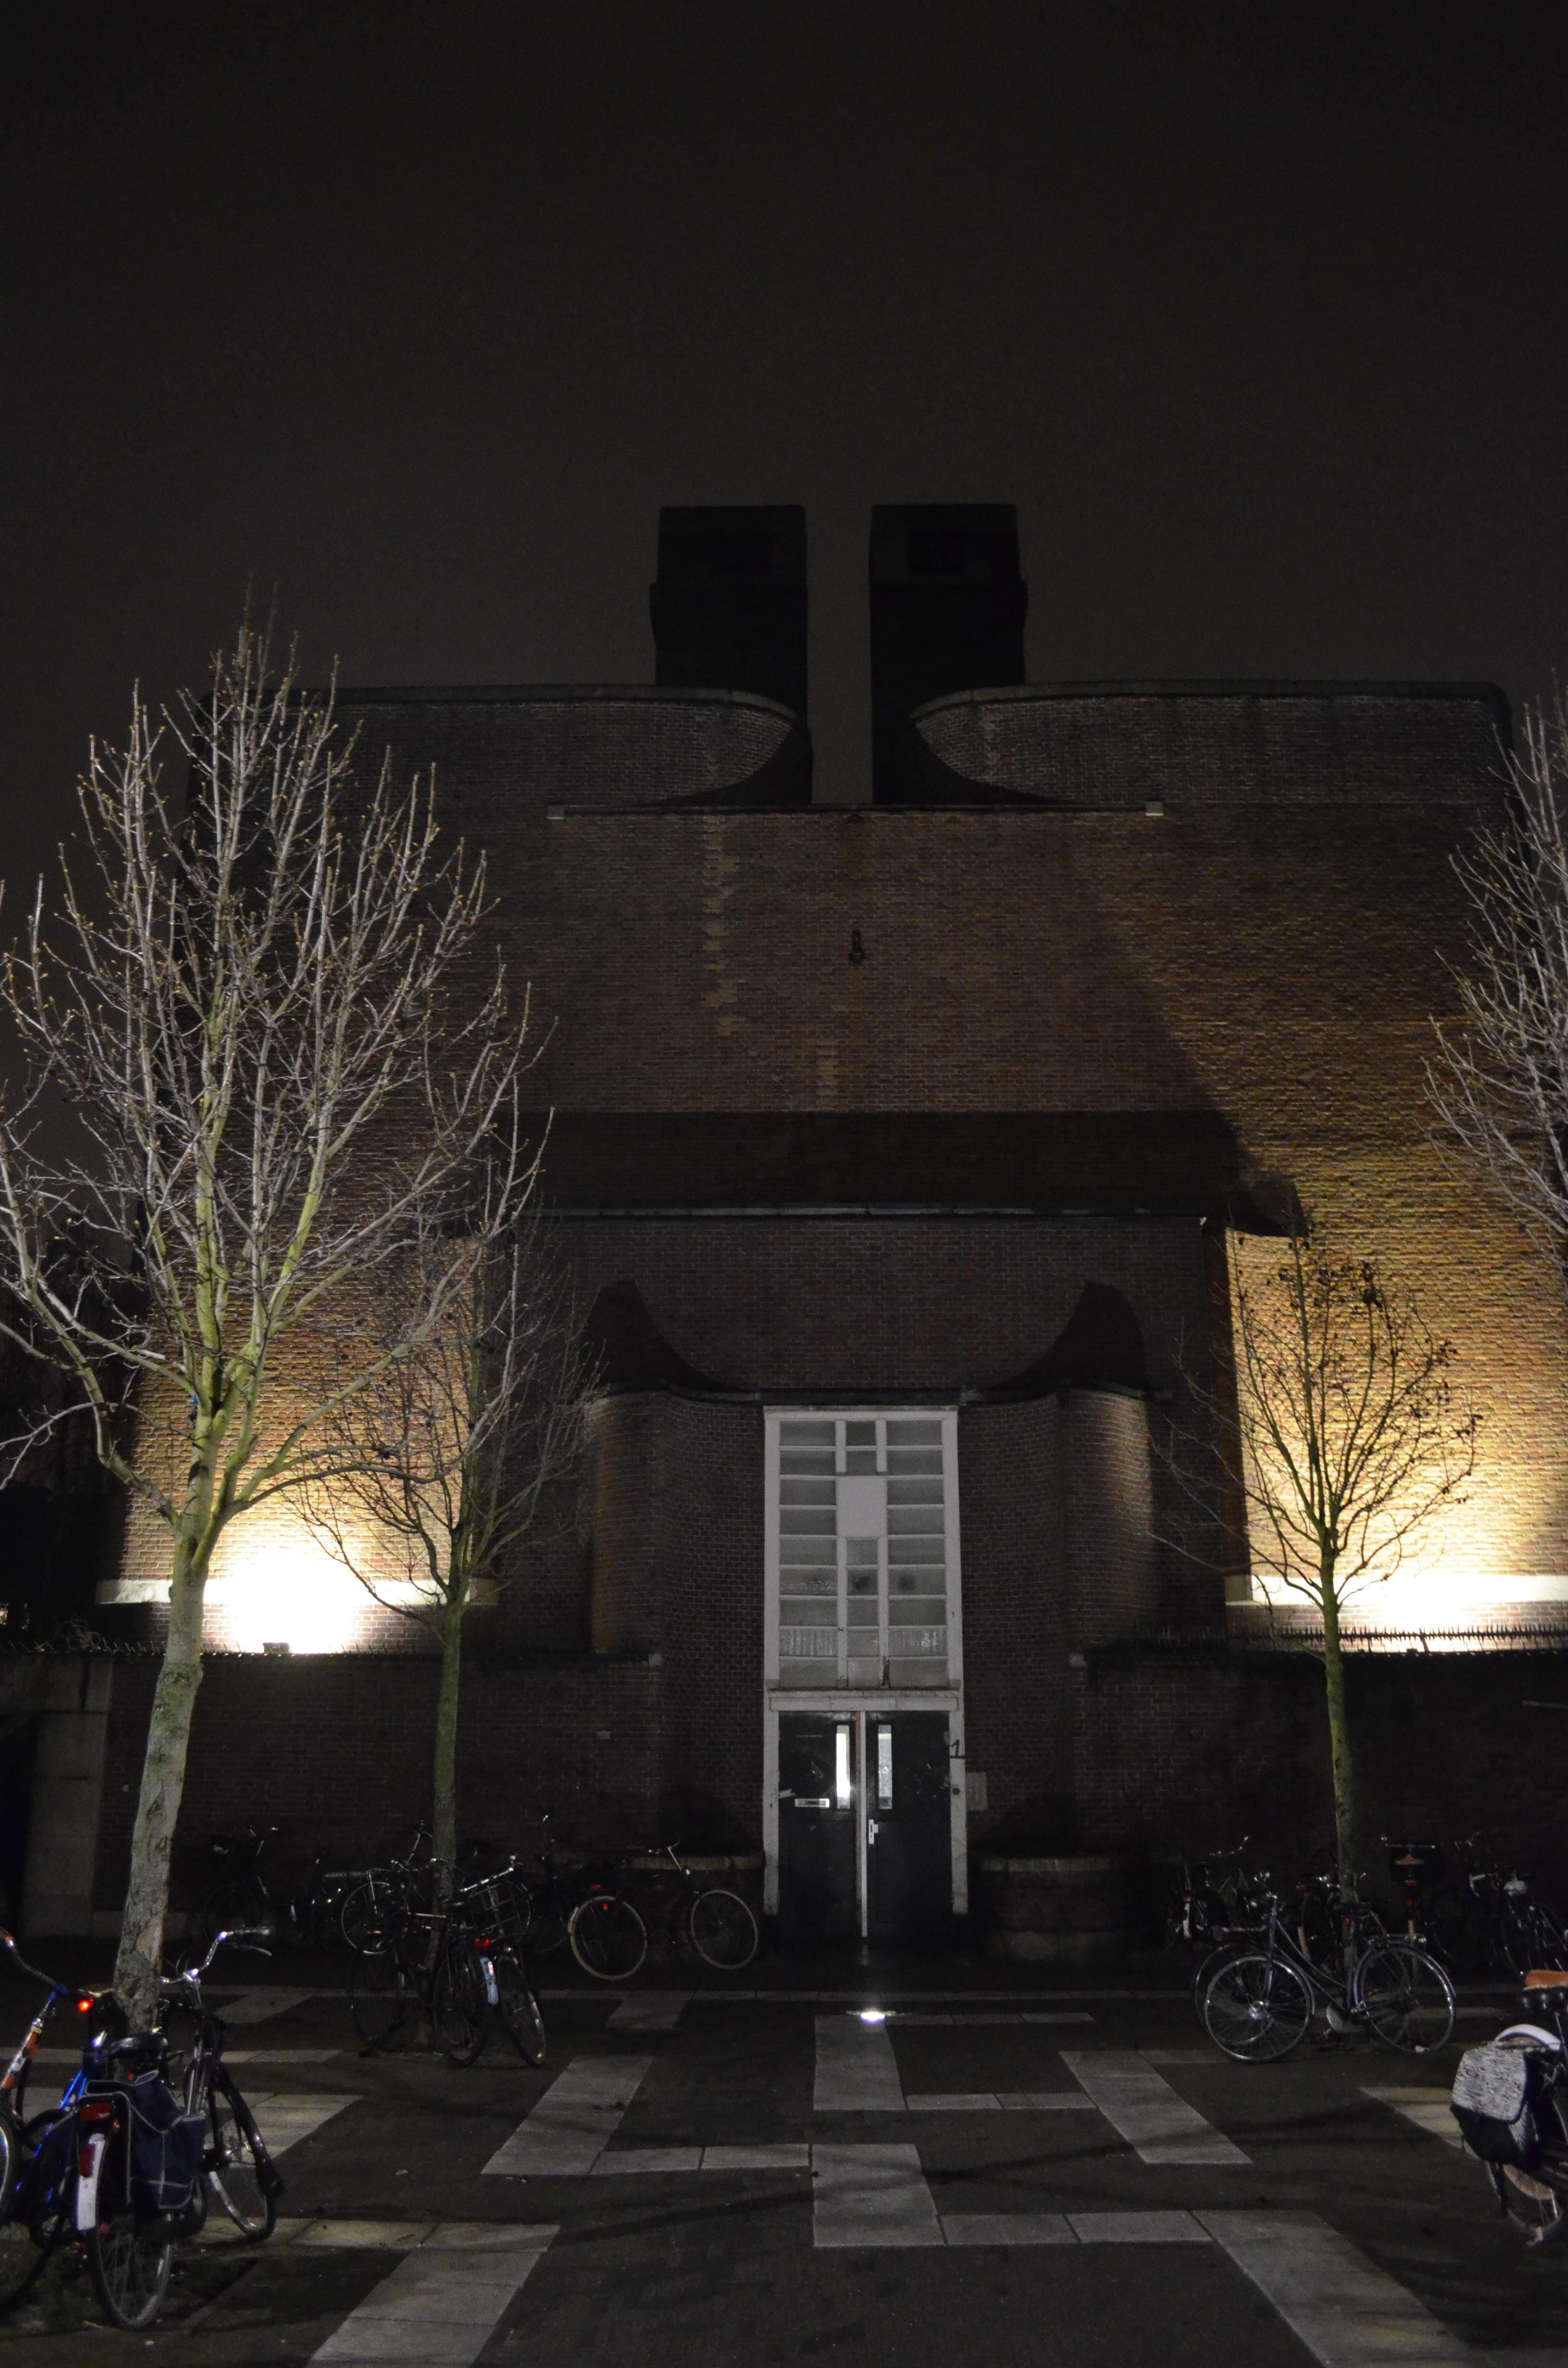 Donderdagavond ging het buitenlicht weer aan op de Cabralstraat 1. En ineens staat er een ander gebouw. Wat vind jij ervan?